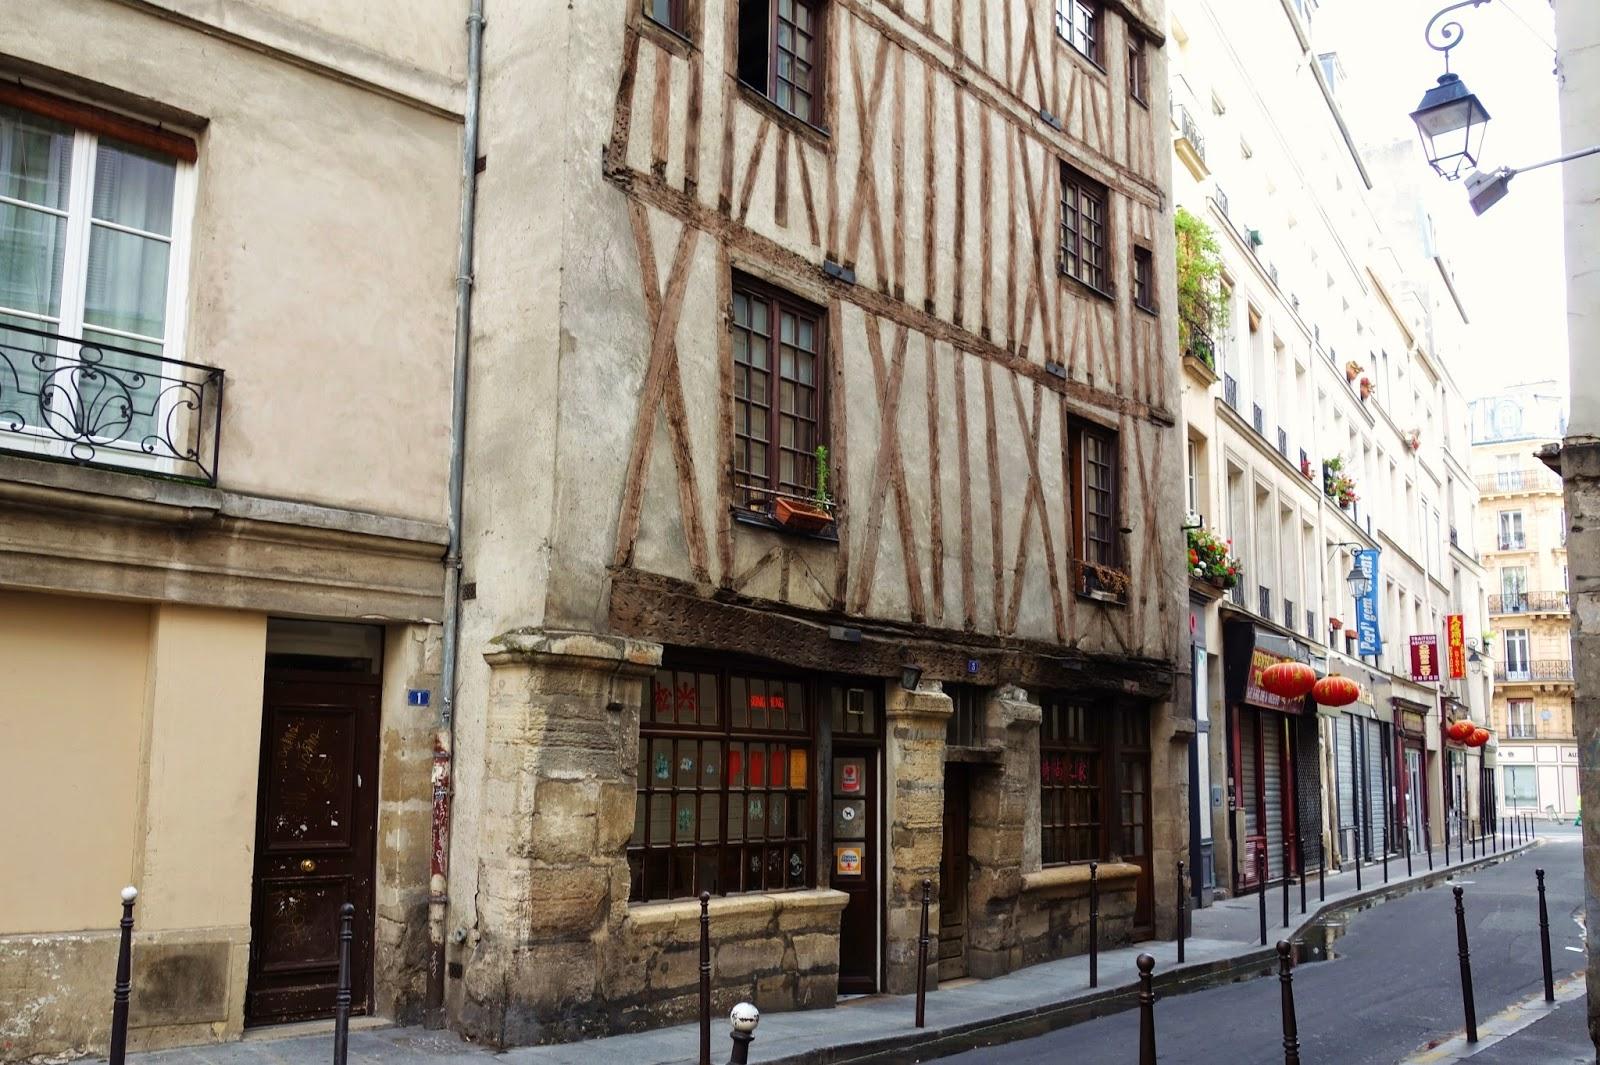 Maison paris maison de verre paris by pierre chareau bernard bijvoet yellowtrace maison loft - Belle maison restaurant paris ...